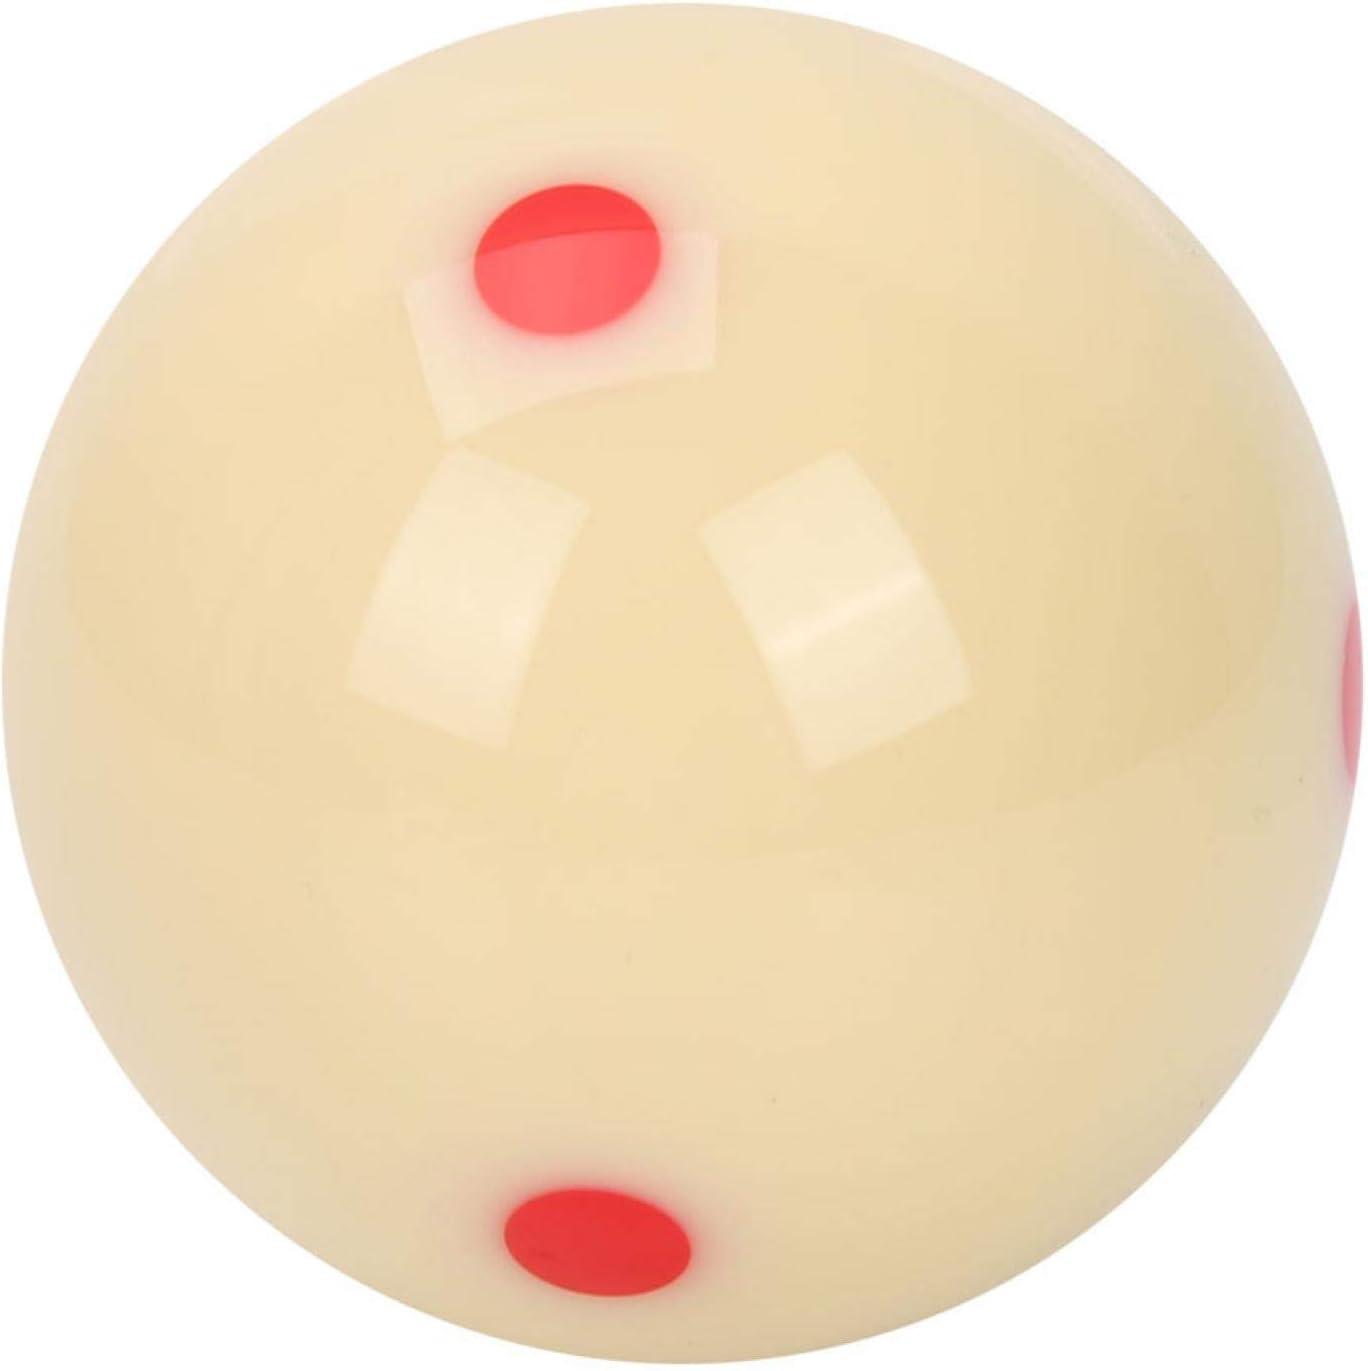 balles de Billard dentra/înement /à Points Rouges Qukaim Balle dentra/înement de Billard en r/ésine de 5,72 cm